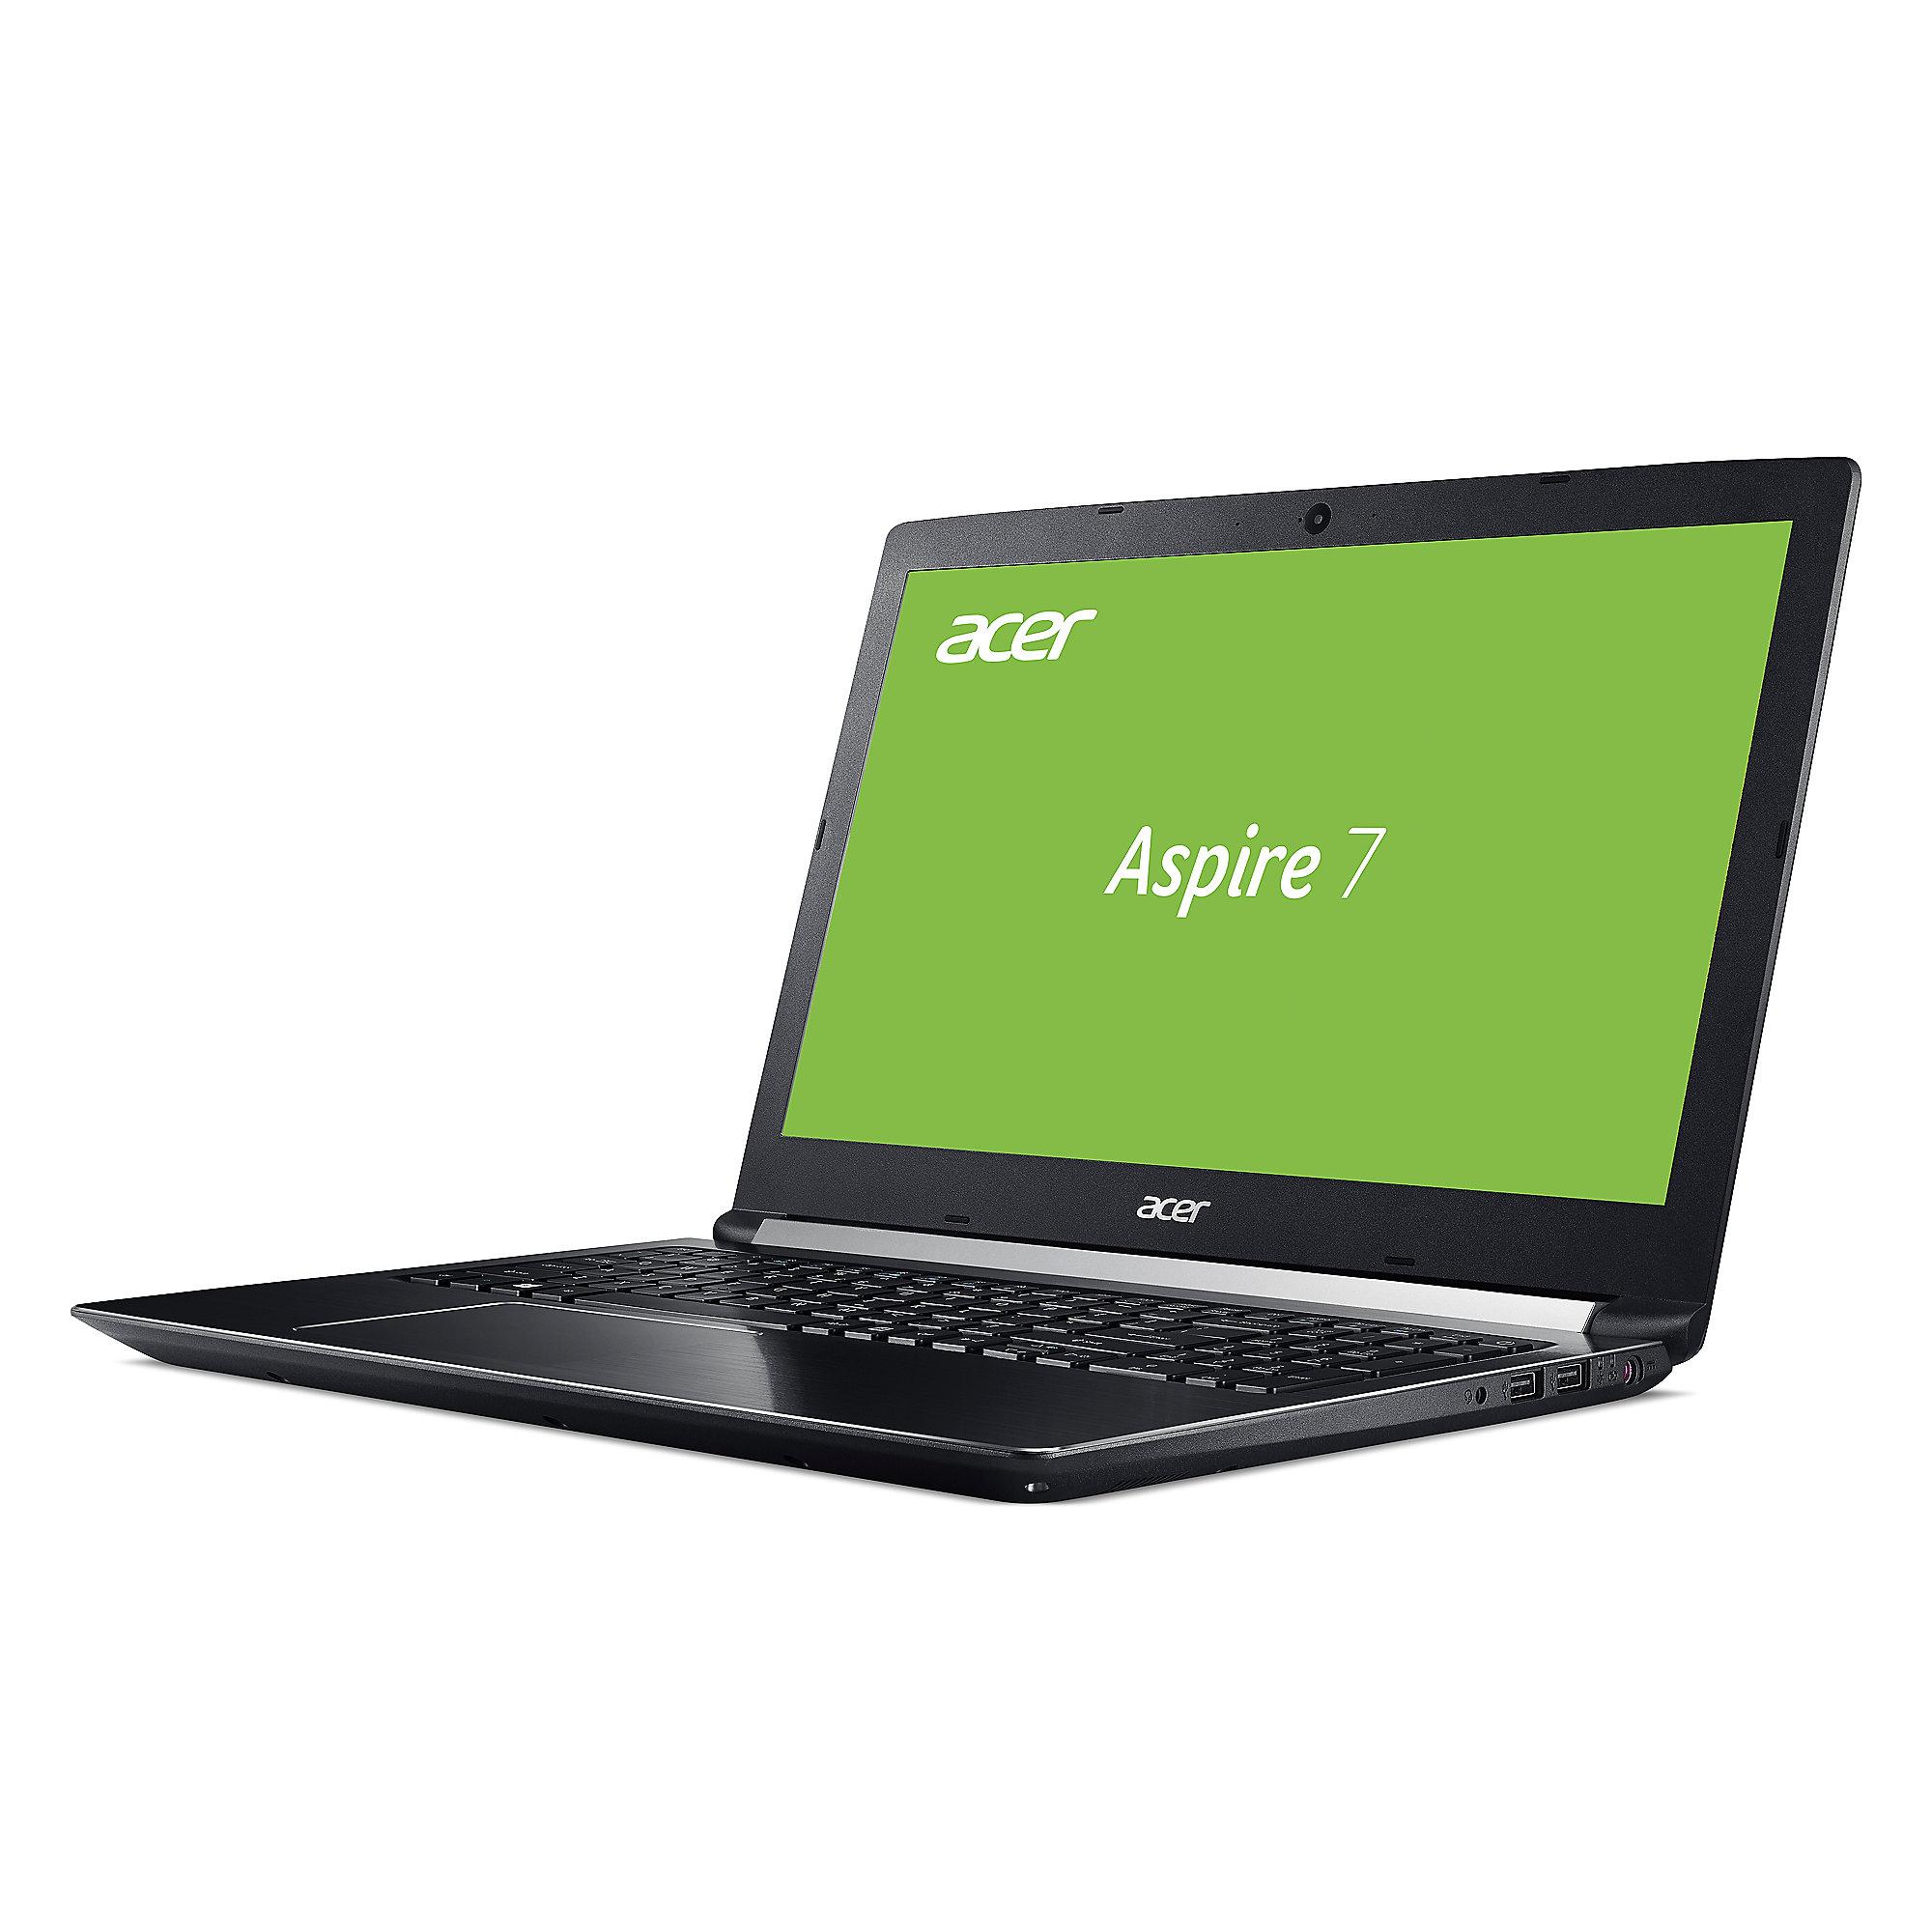 Acer Aspire 7 A715-71G-55QG Notebook i5-7300HQ 128GB SSD 1GB HDD GTX 1050 ohne Windows